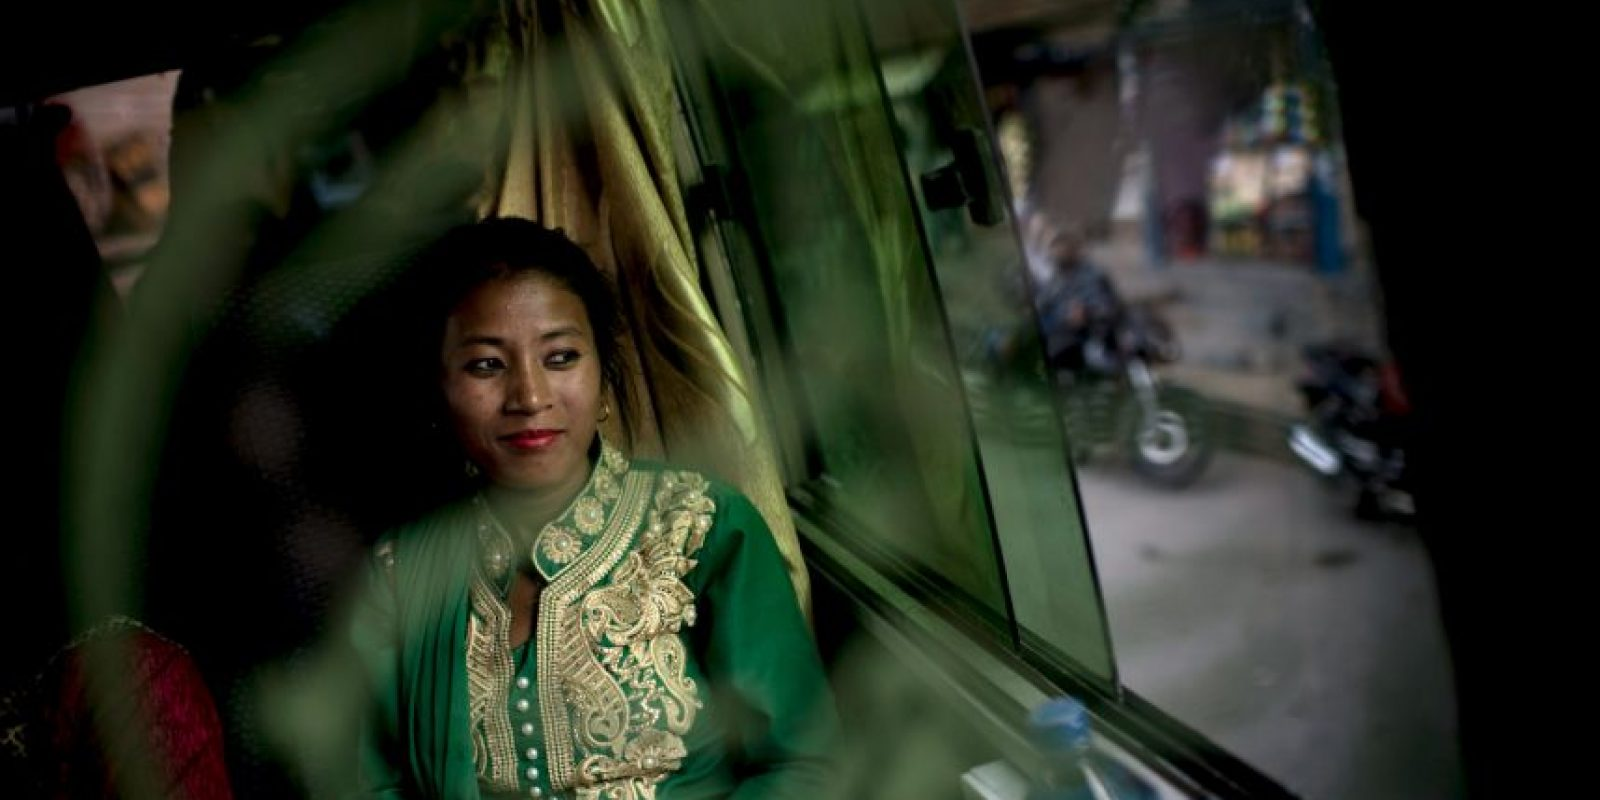 Los ataques suelen dejar a las víctimas discapacitadas en diferentes niveles, lo que incrementa su dependencia de sus familiares, incluso para las actividades cotidianas más básicas. Foto:Getty Images